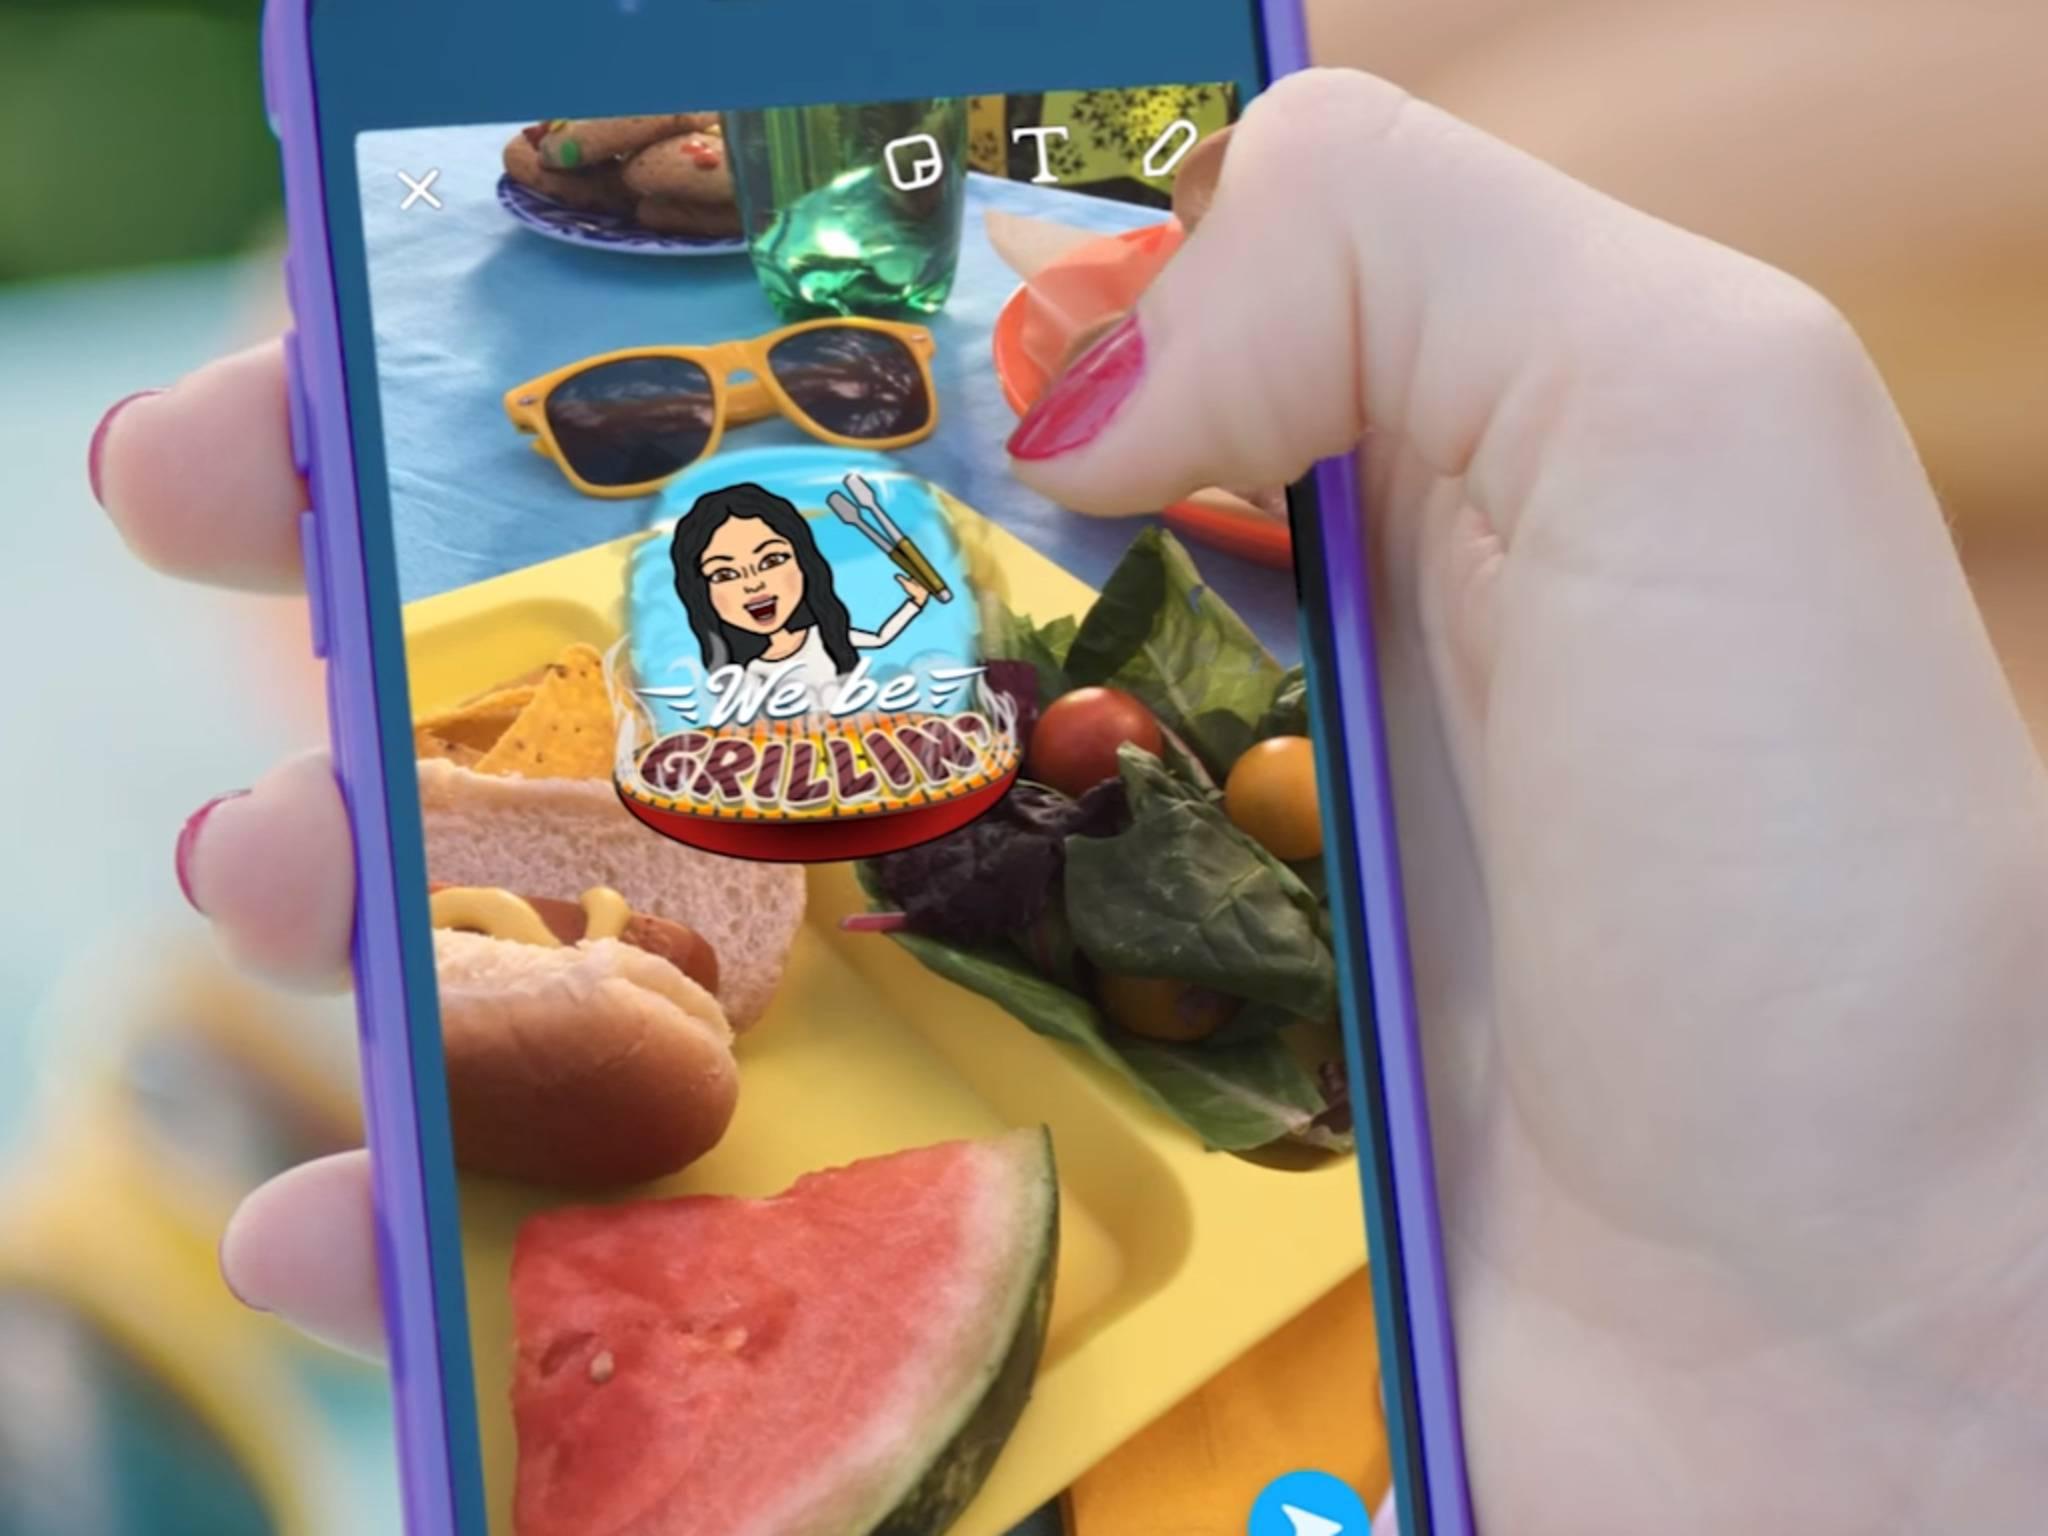 Snapchat soll noch bessere Filter und Effekte bekommen.